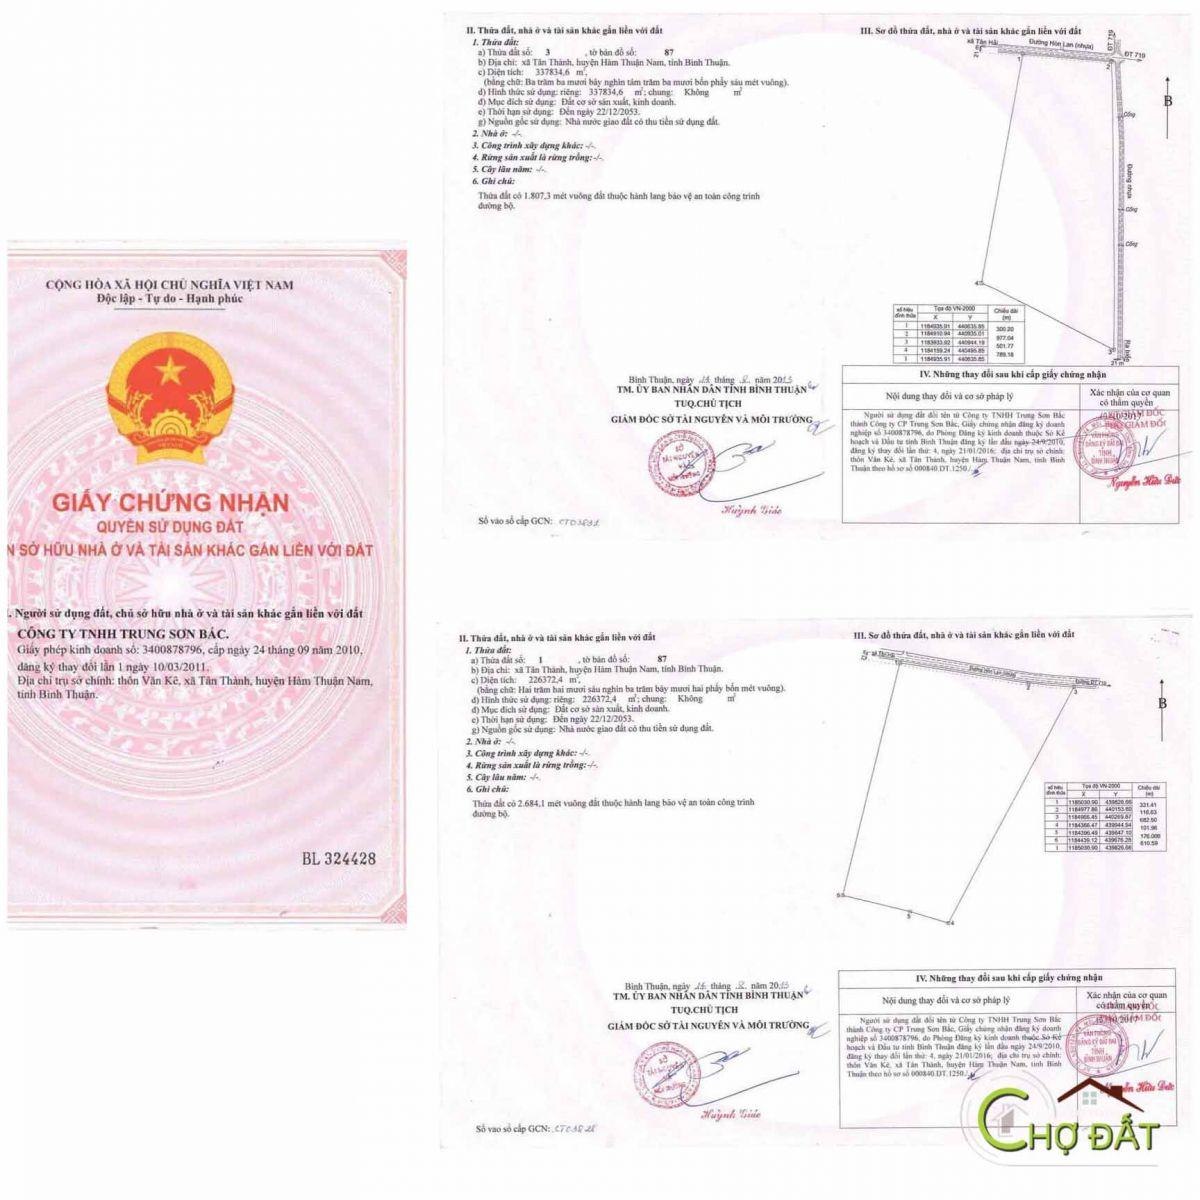 Sổ đỏ tổng của dự án bất động sản nghĩ dưỡng Thanh Long Bay (Mũi Kê Gà - Bình Thuận)